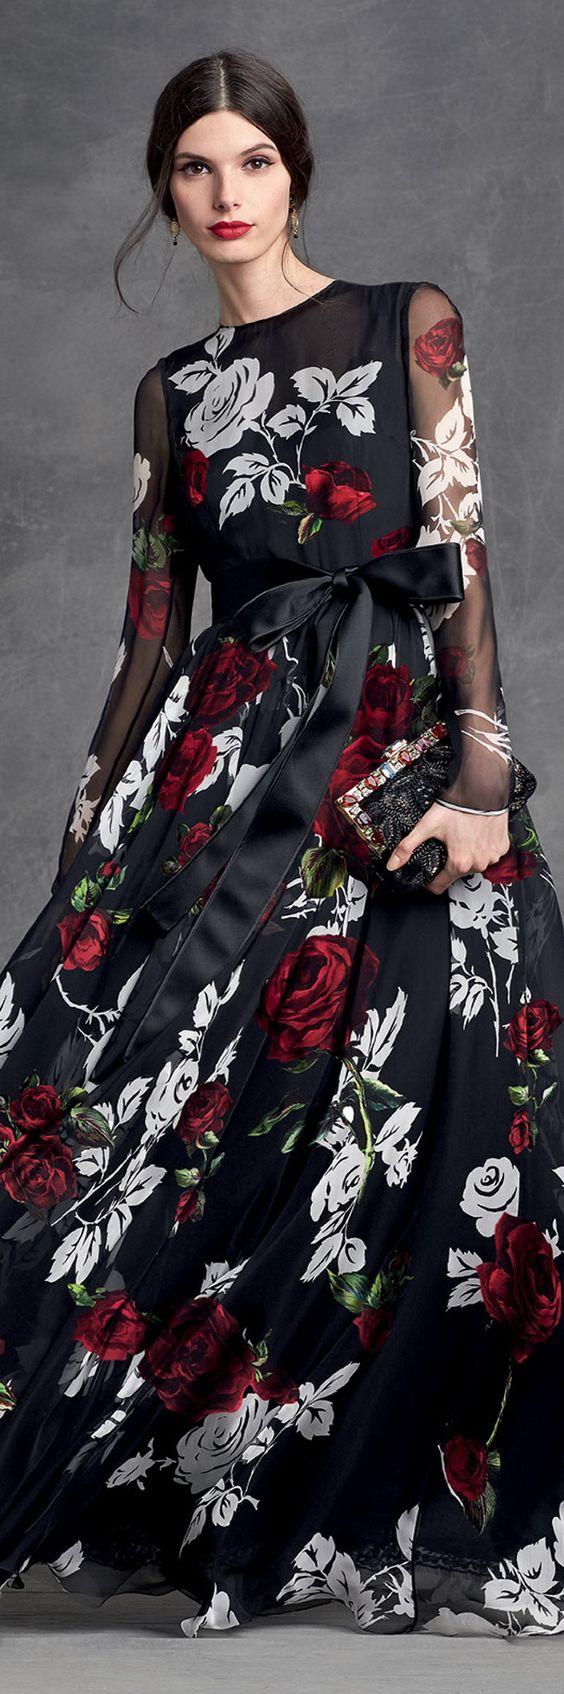 Dolce & Gabbana, Winter 2016.+: